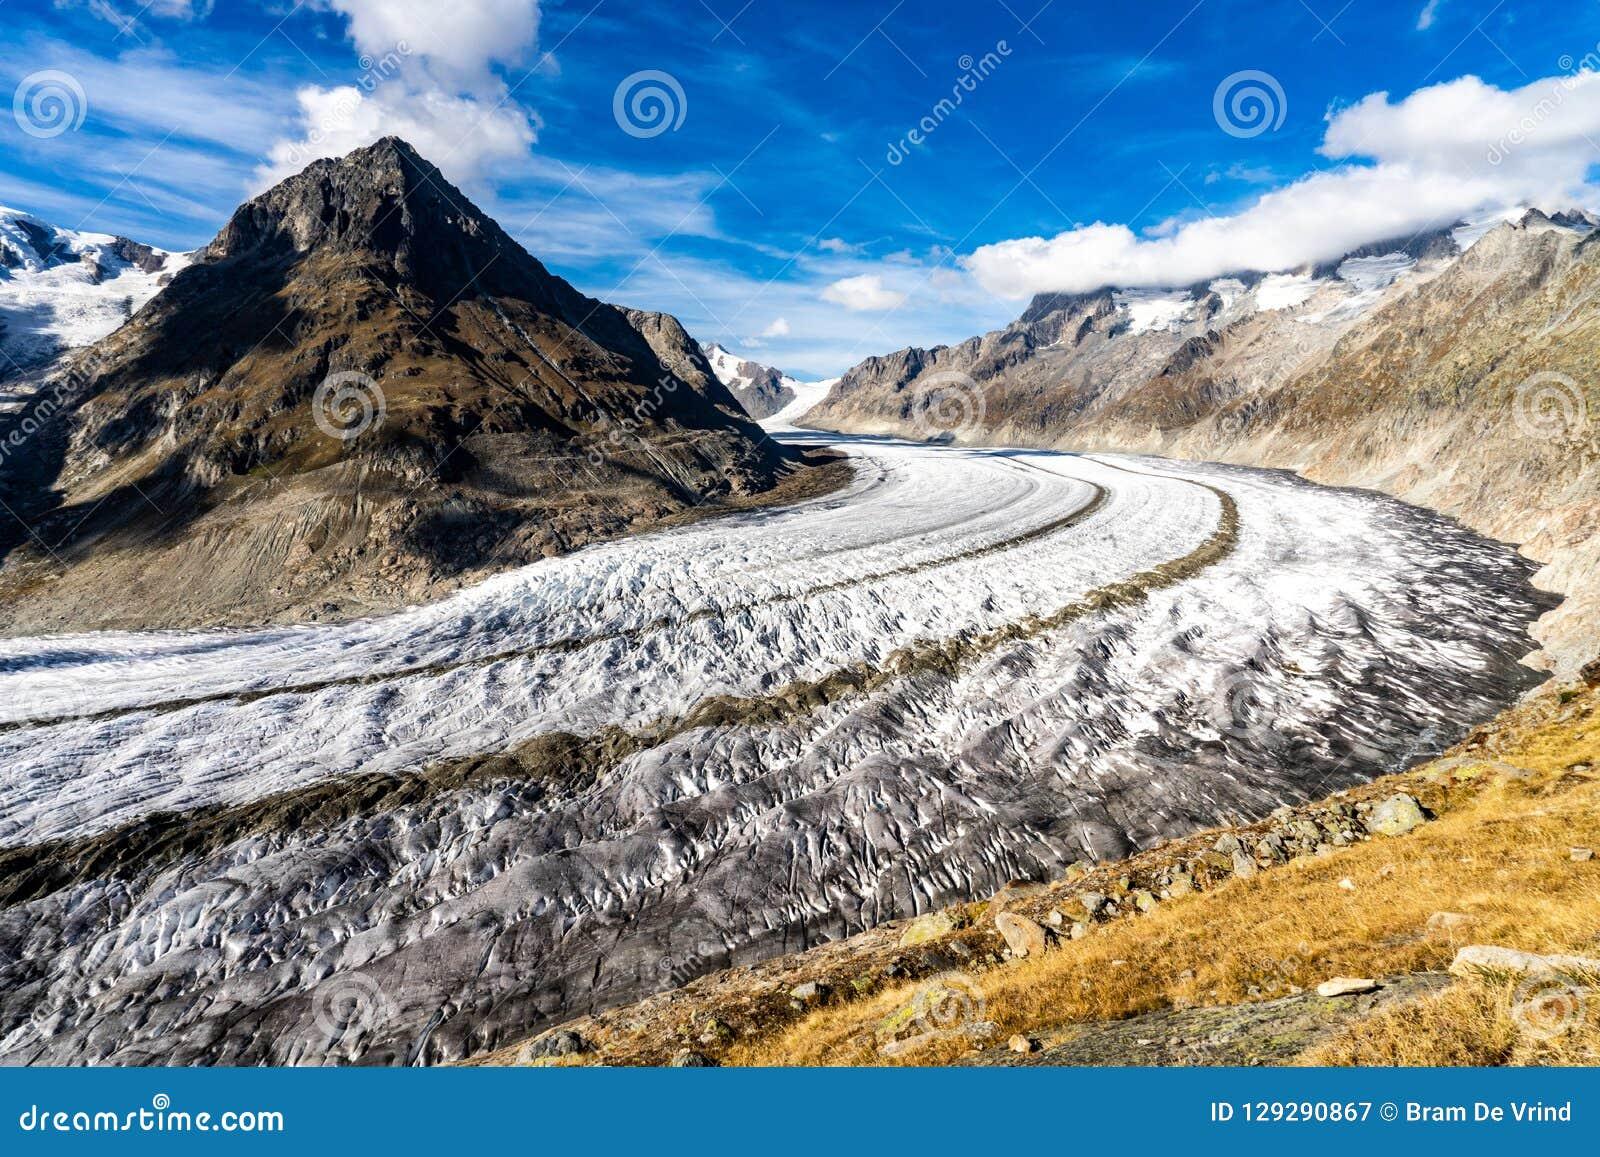 Aletschgletsjer in de Alpen in Zwitserland